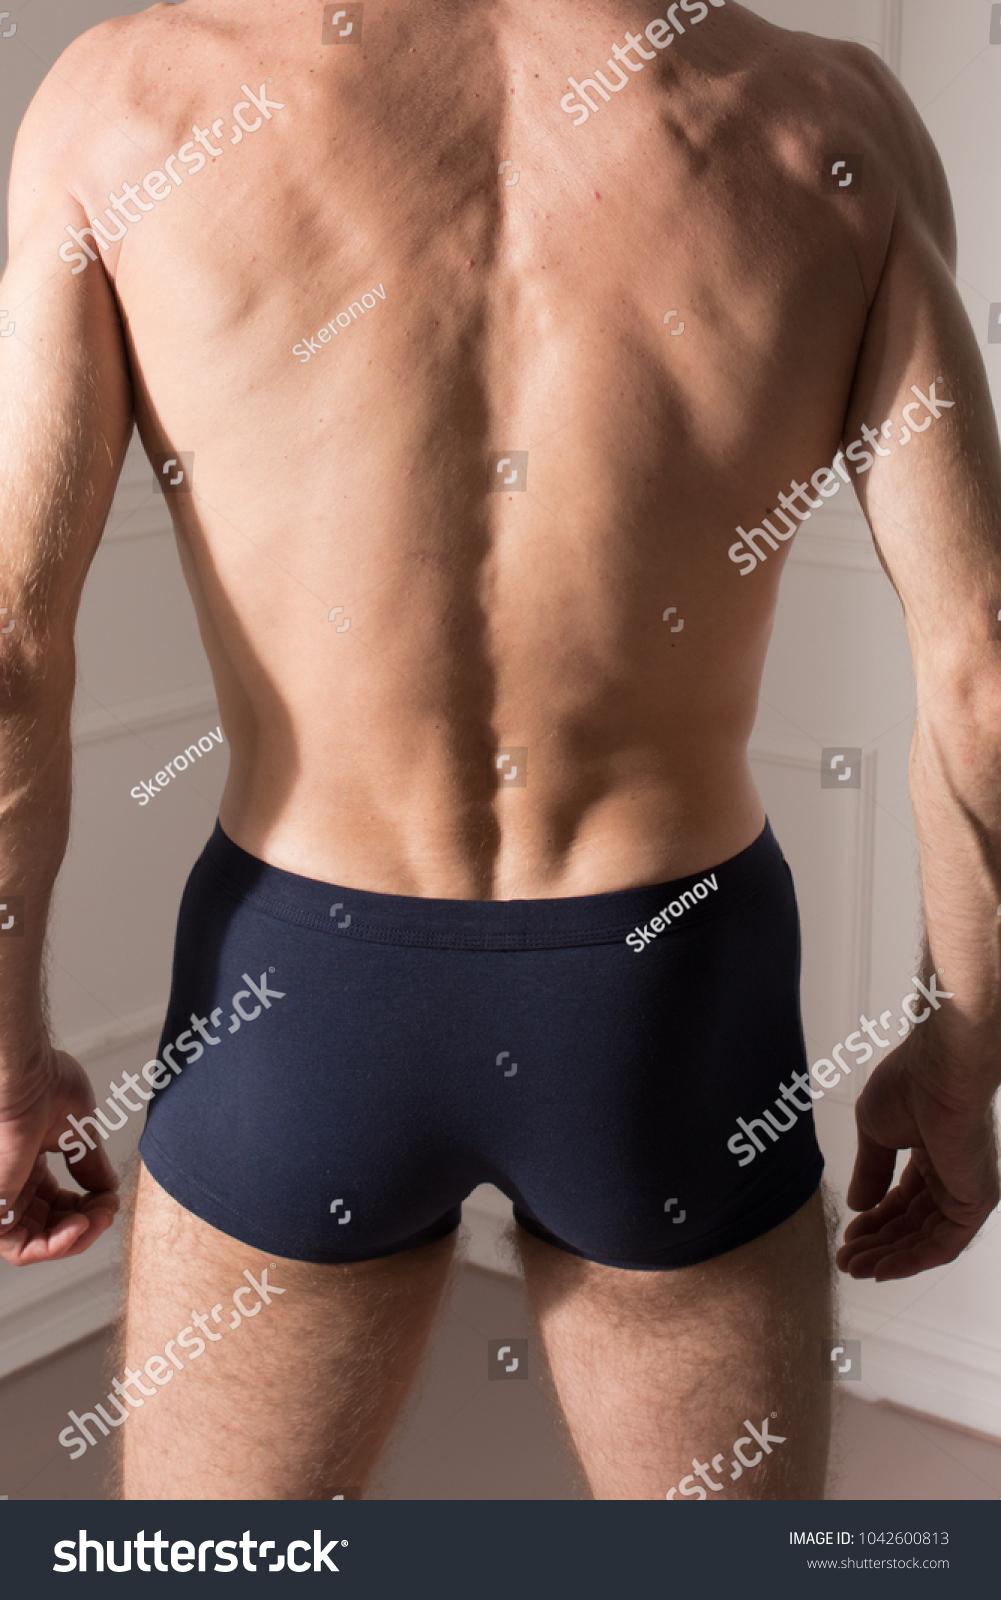 Ass mature The 9